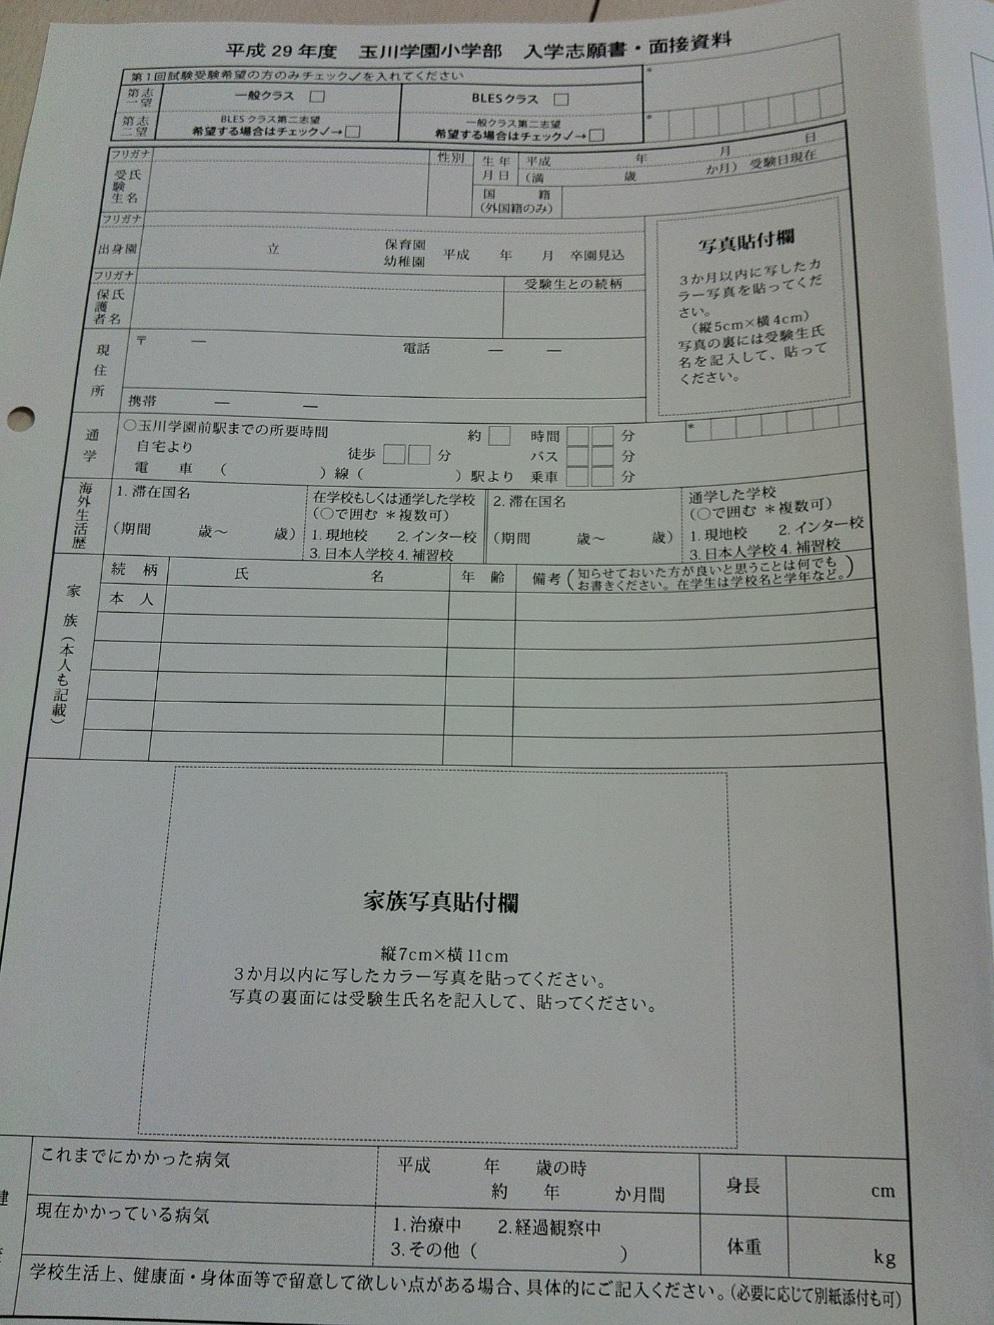 玉川学園小学校の入試要項画像キャプチャ(ページ5)